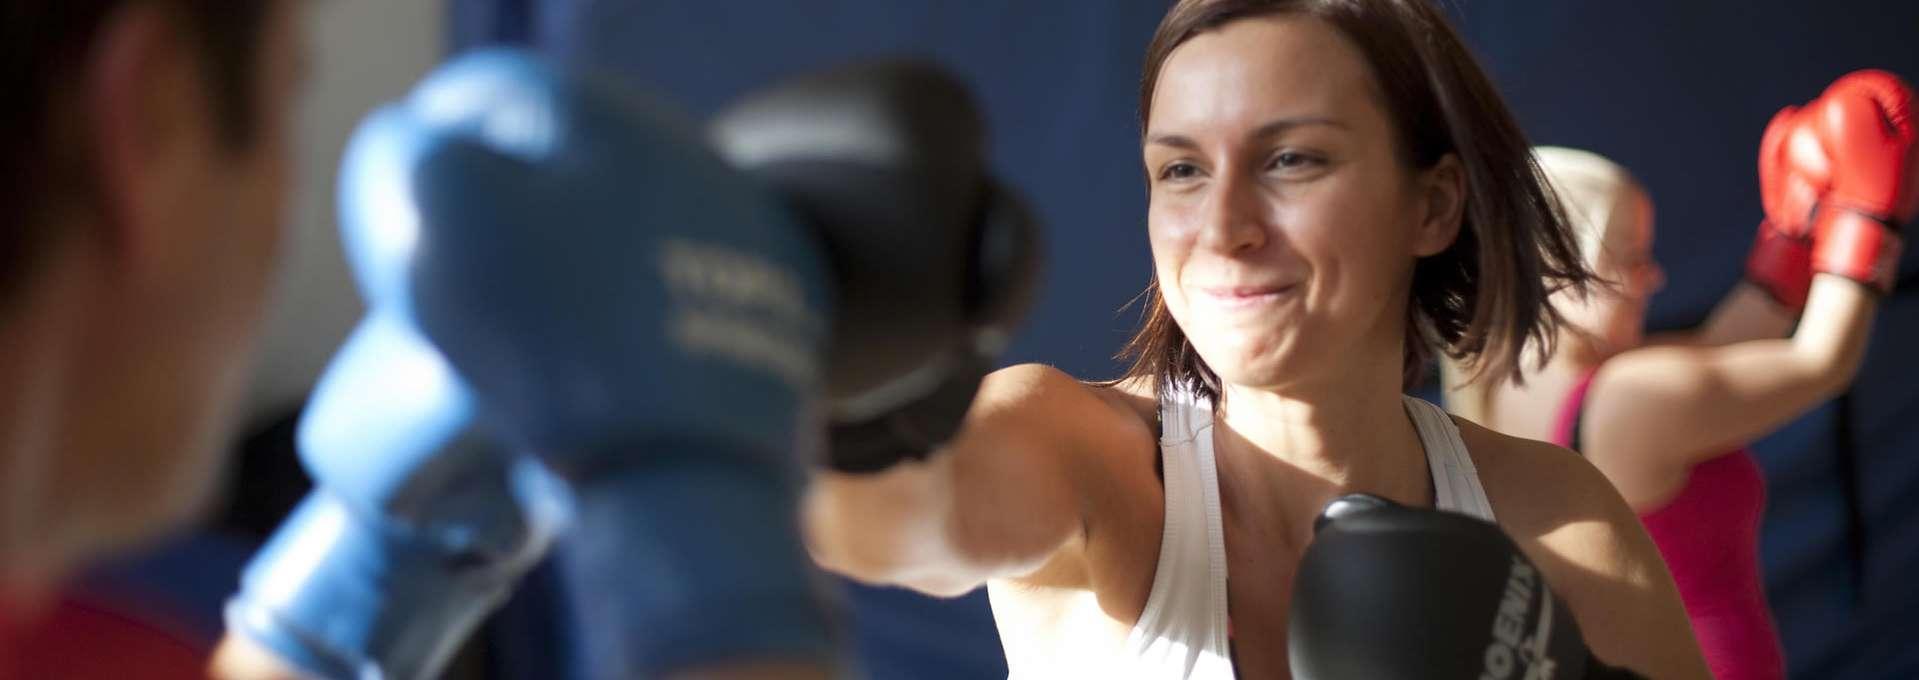 Footerbild Bewegt GESUND bleiben in NRW! Boxtraining Frauen